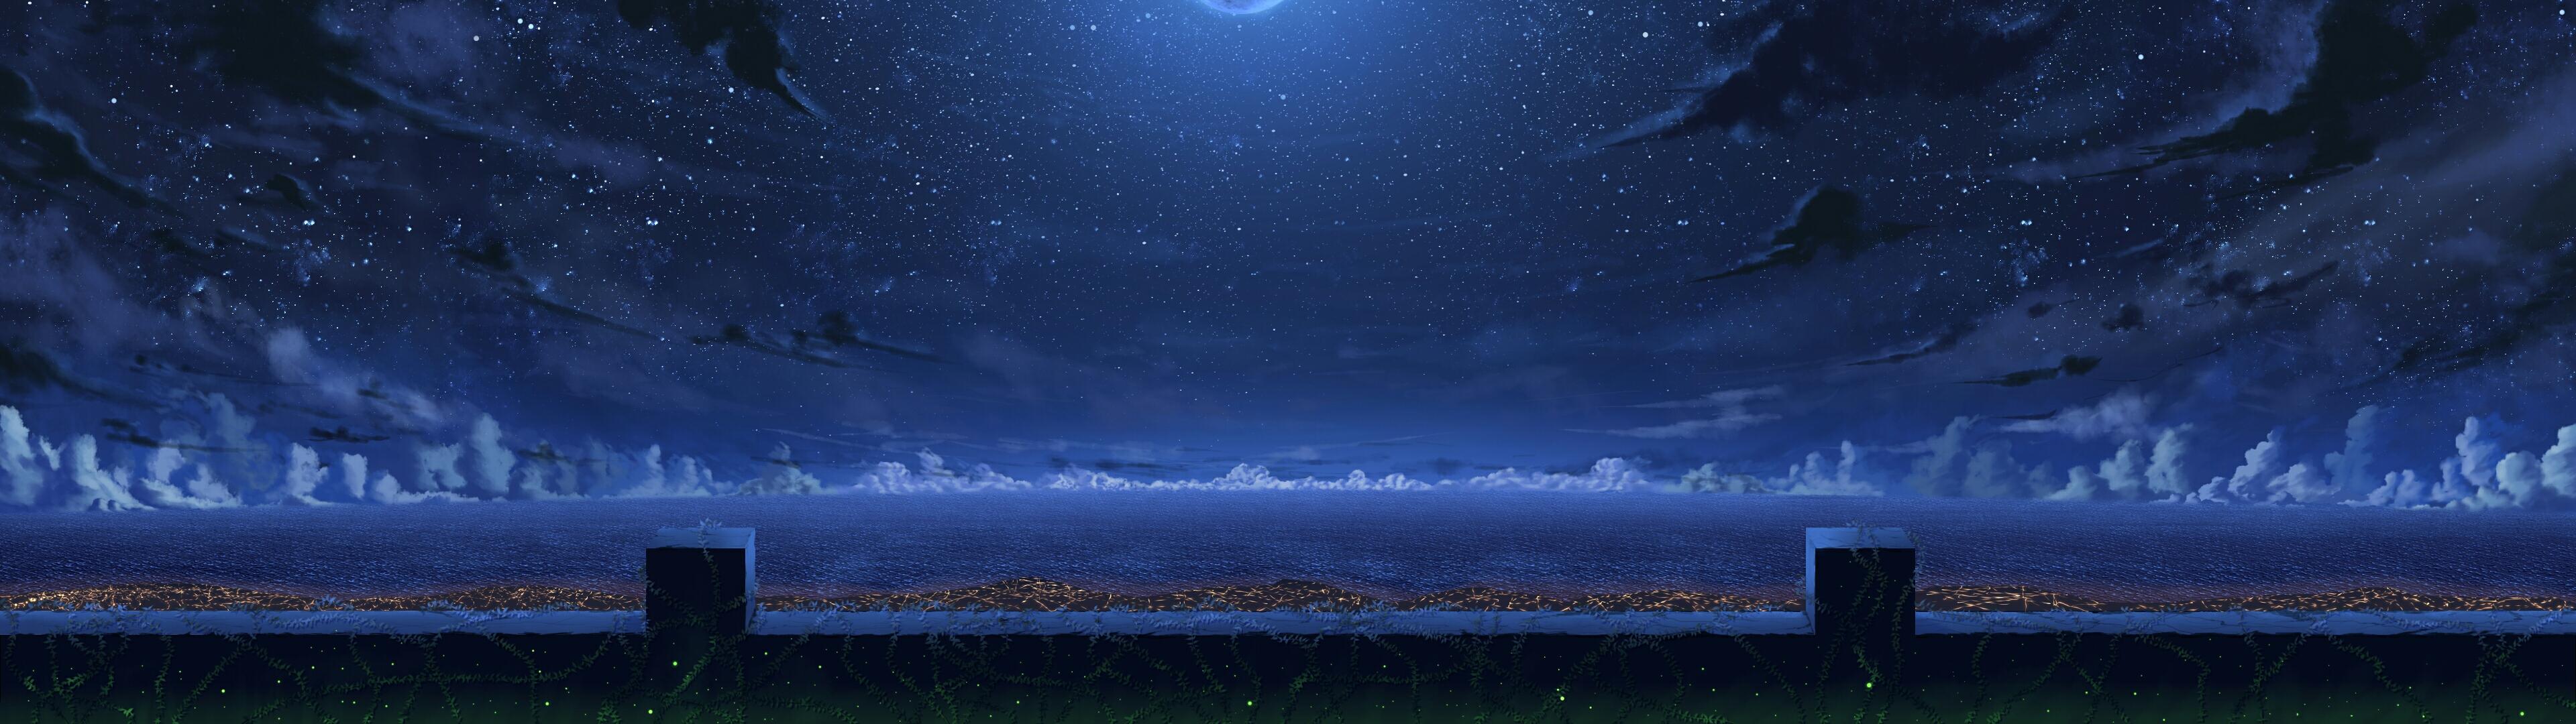 デスクトップ壁紙 パノラマ アートワーク 海 雲 空 星 3840x1080 Hampamatta デスクトップ壁紙 Wallhere